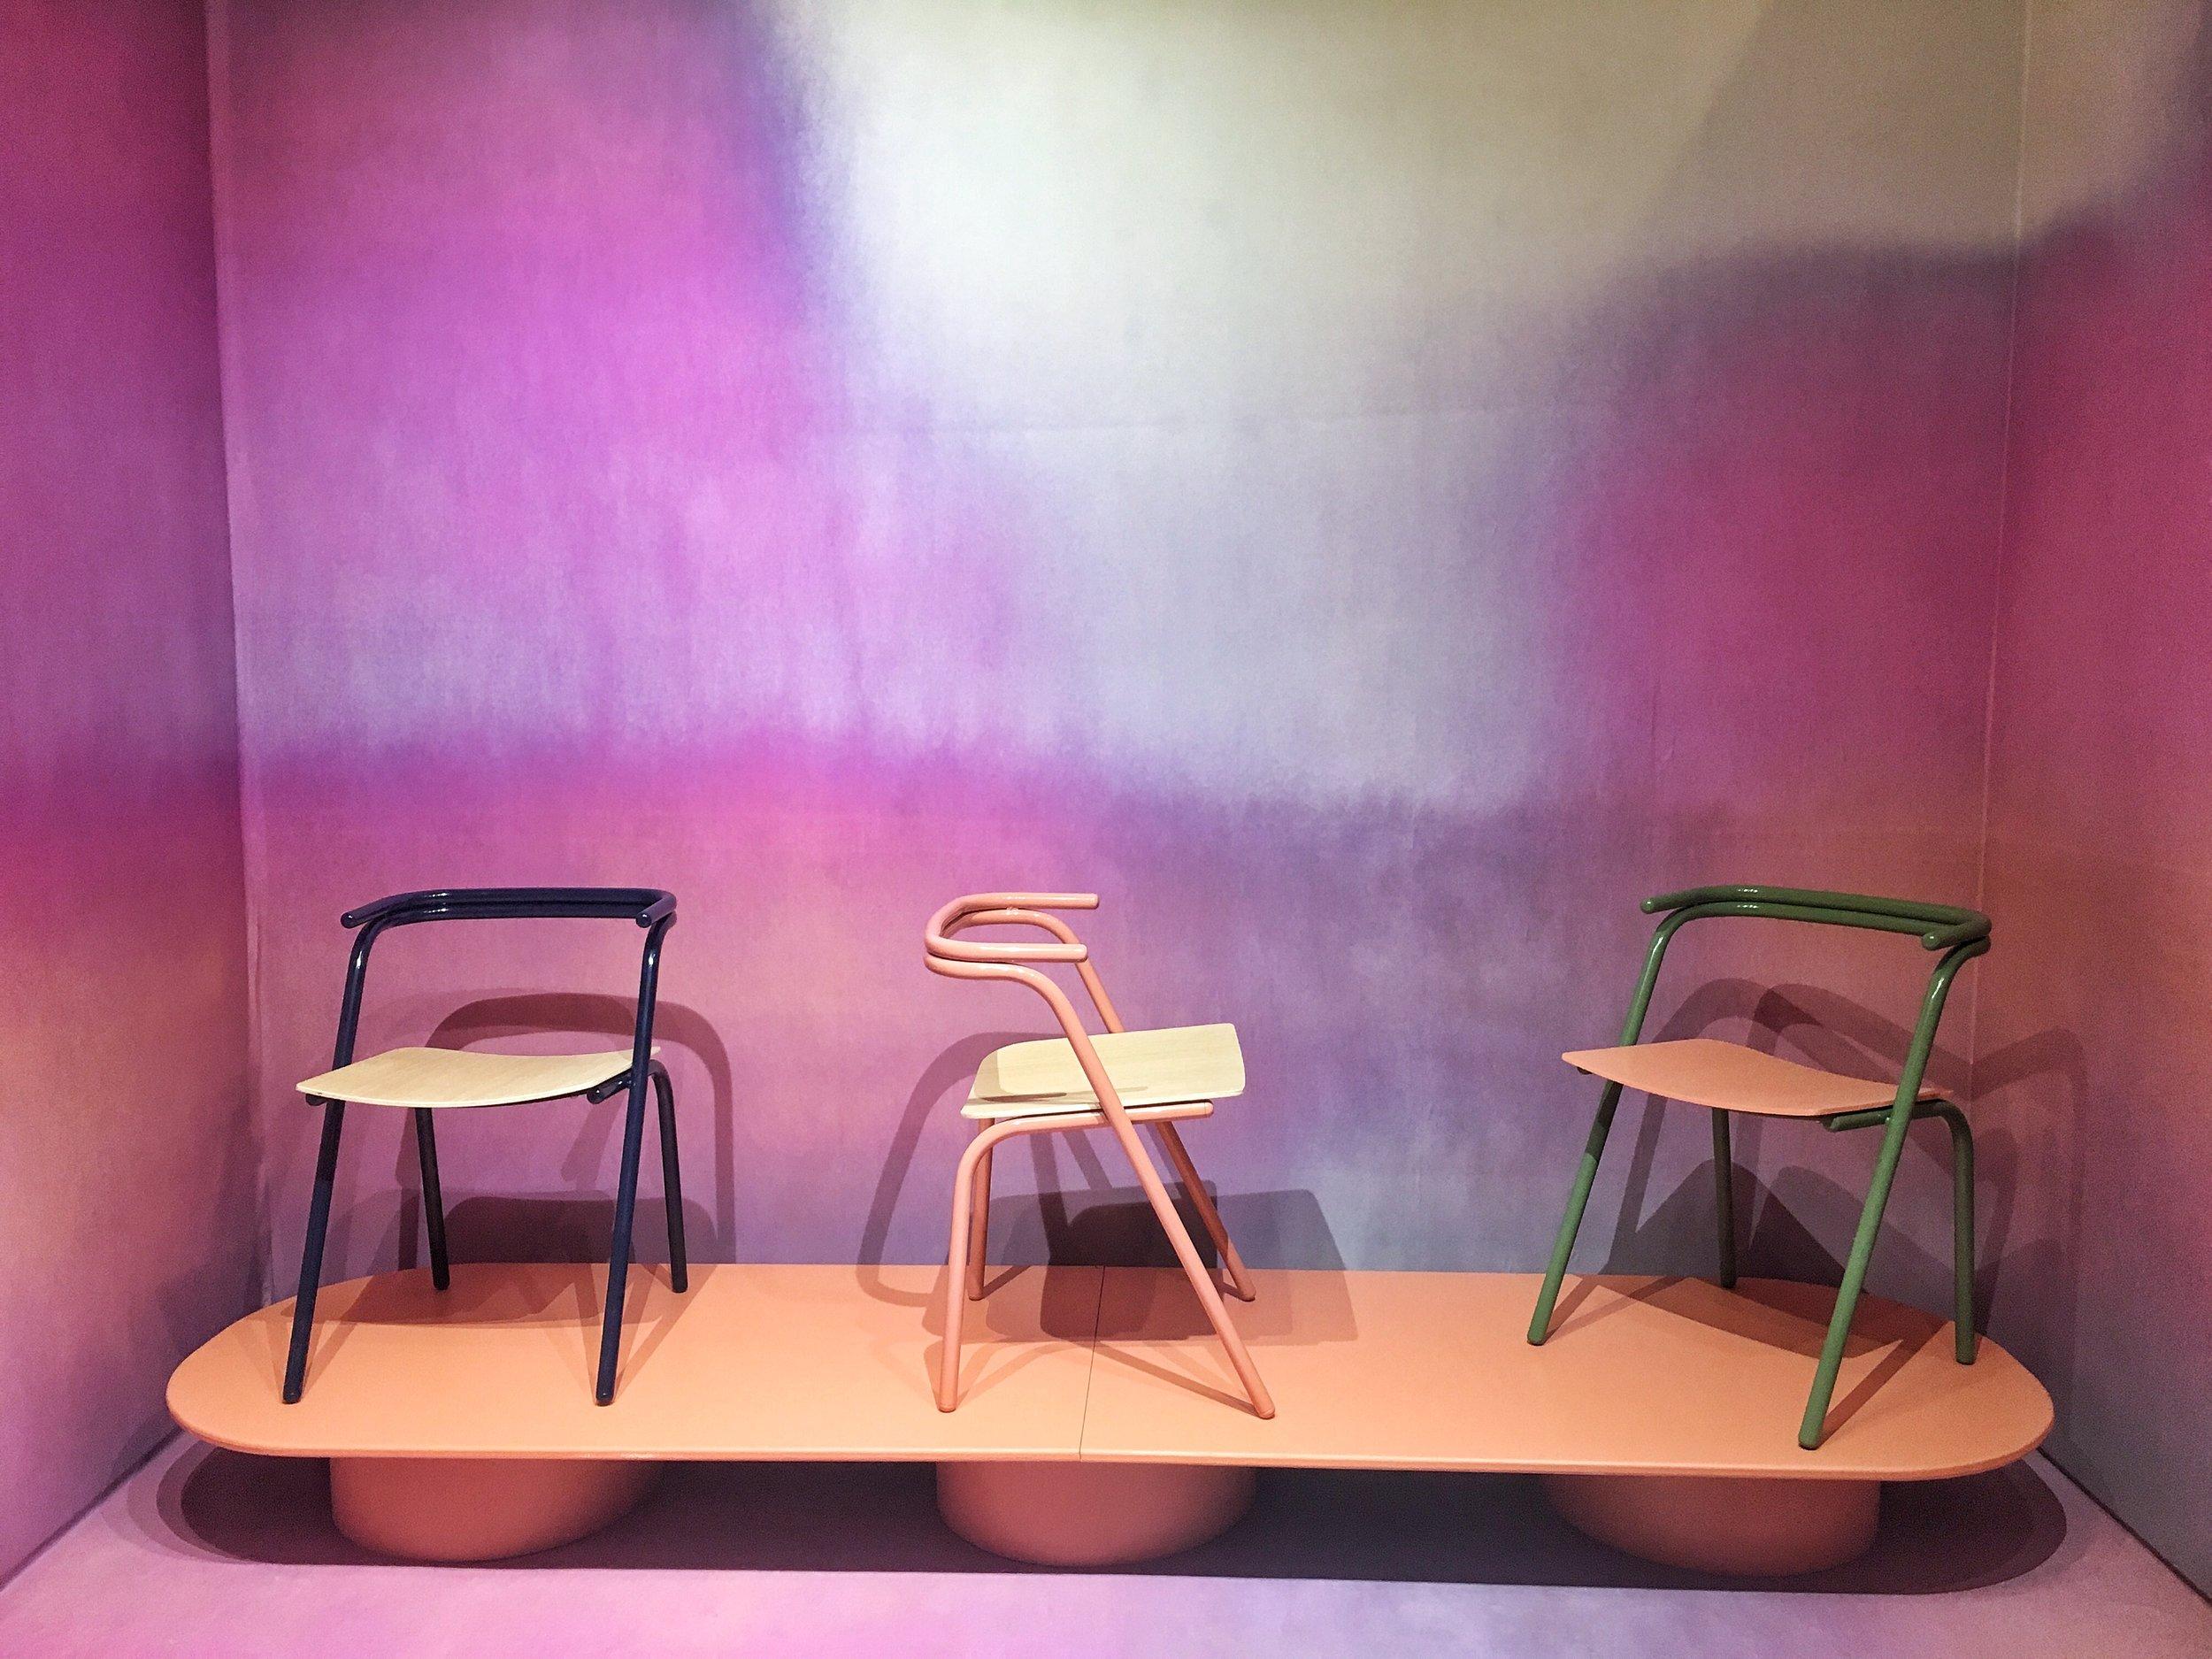 Twin Studios x The Wallpaper Project - estilonyc.com